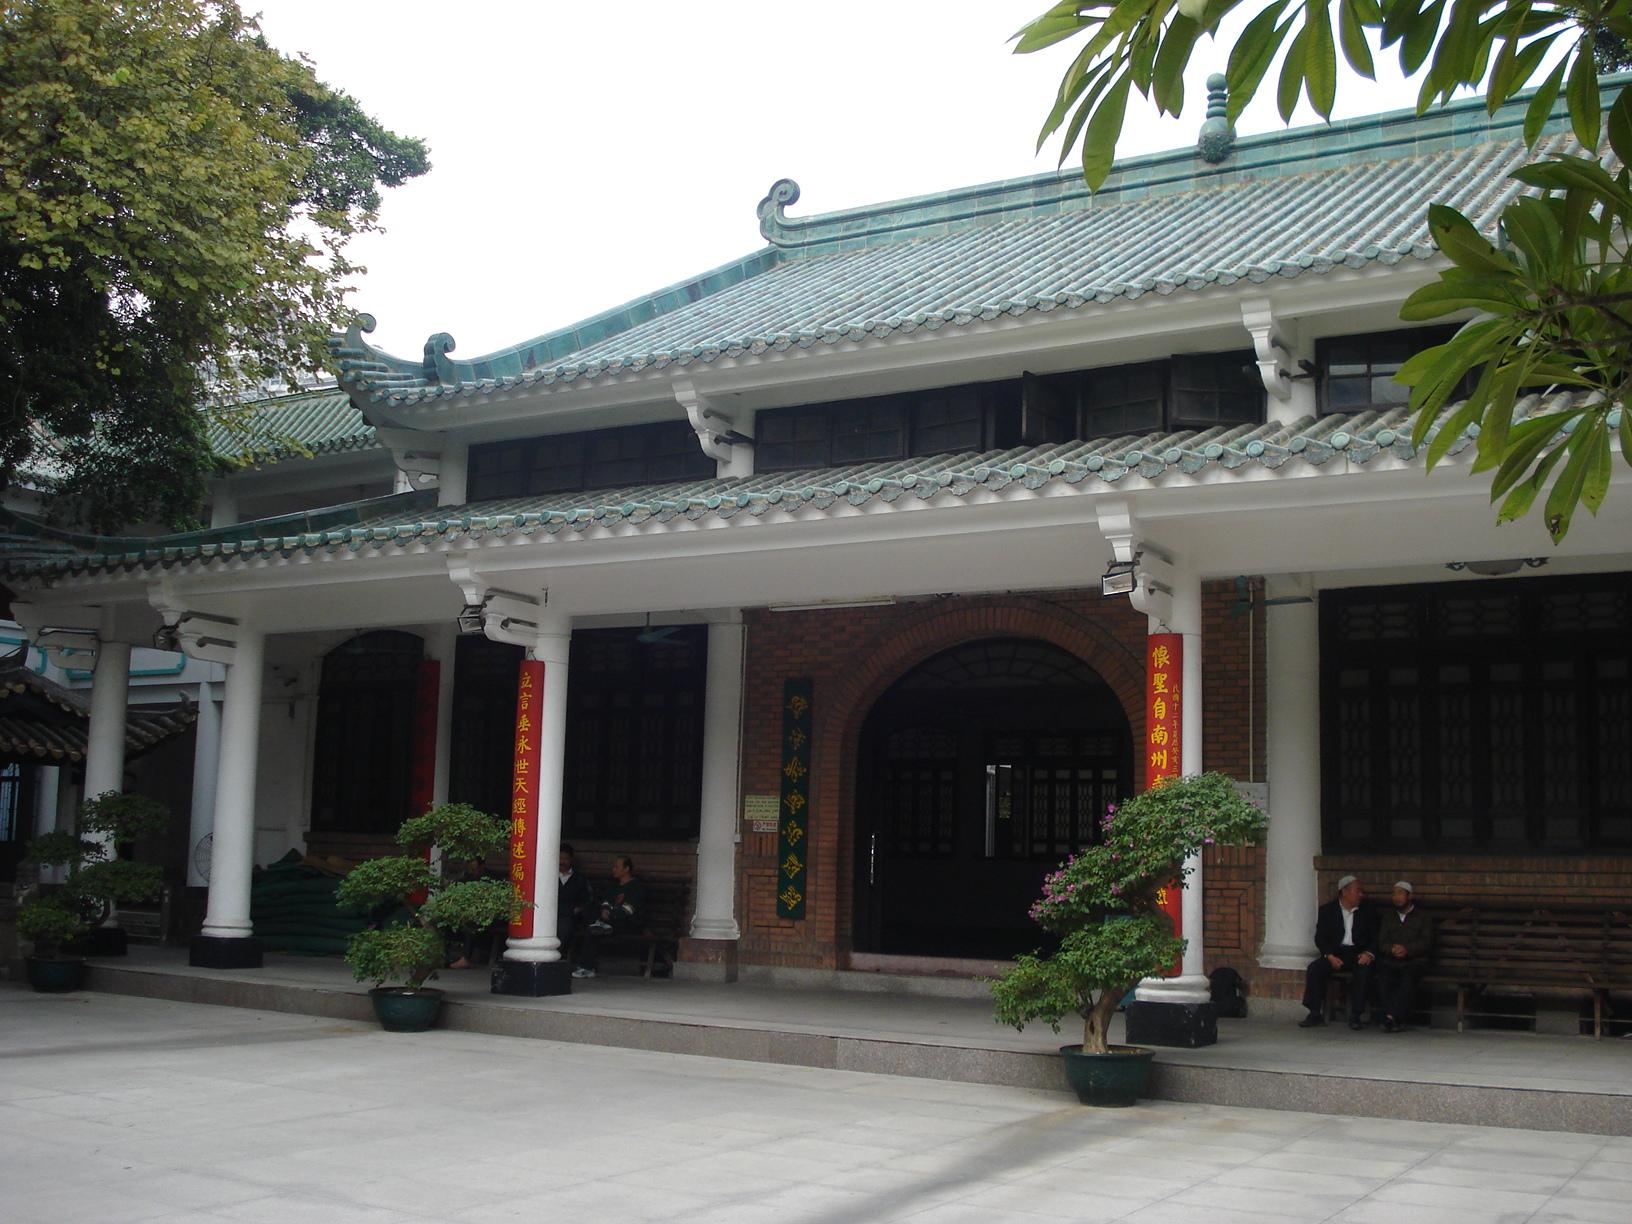 12) La mosquée de Huaisheng à Khanfou (nom arabe de Canton ou Guangzhou) en Chine fut construite par le compagnon Saad ibn abi Waqqas (radi ALLAH anhu) (a l'issue d'une ambassade)